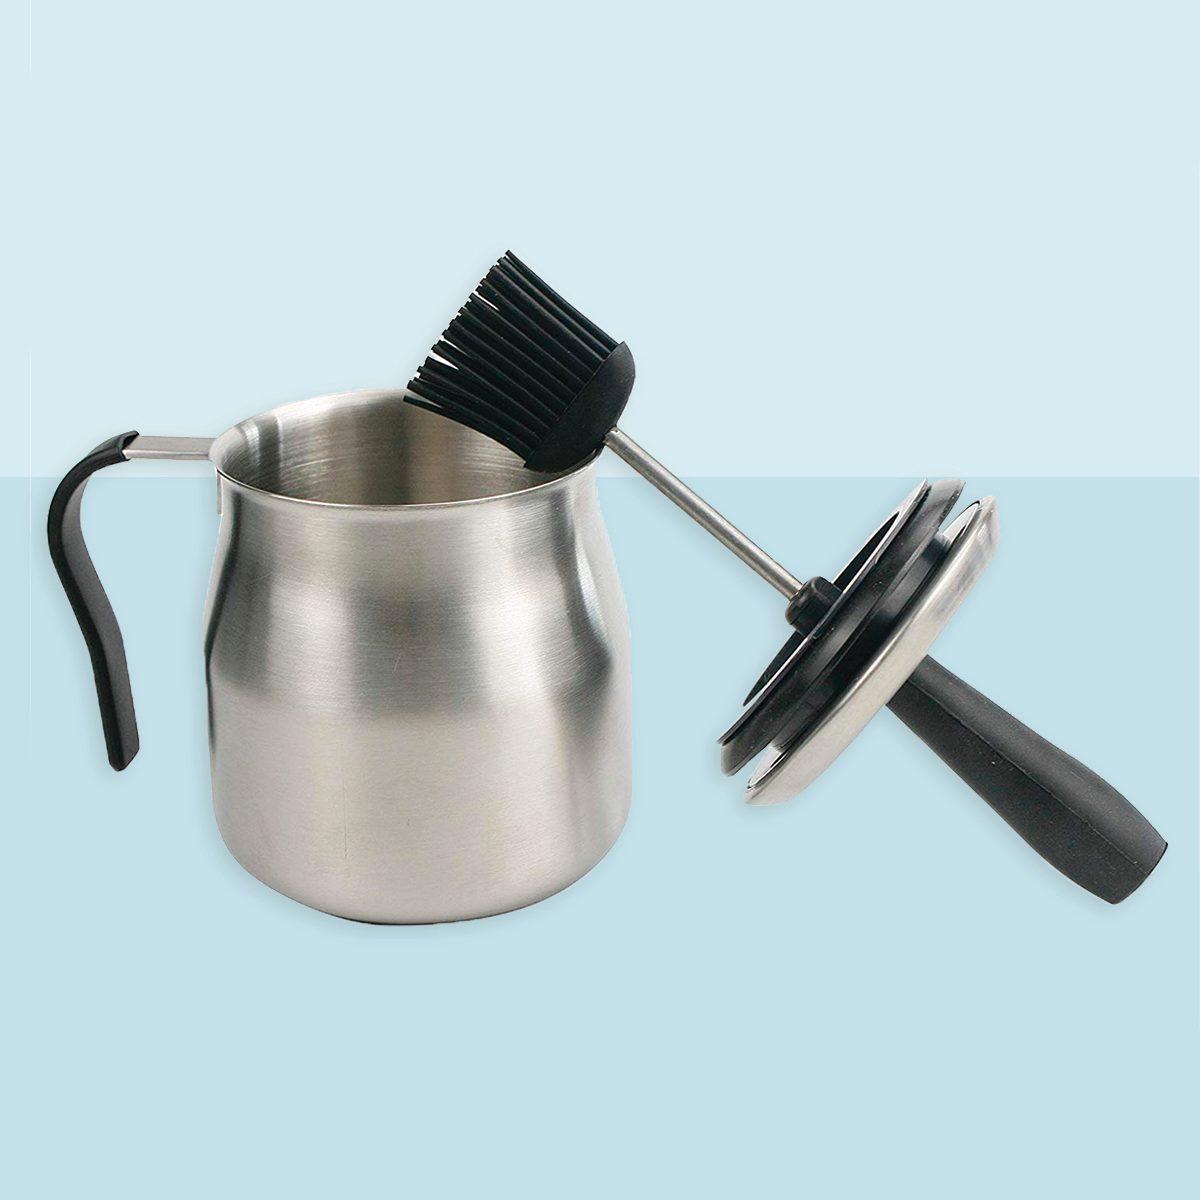 iZAN BBQ Basting Pot with Basting Brush